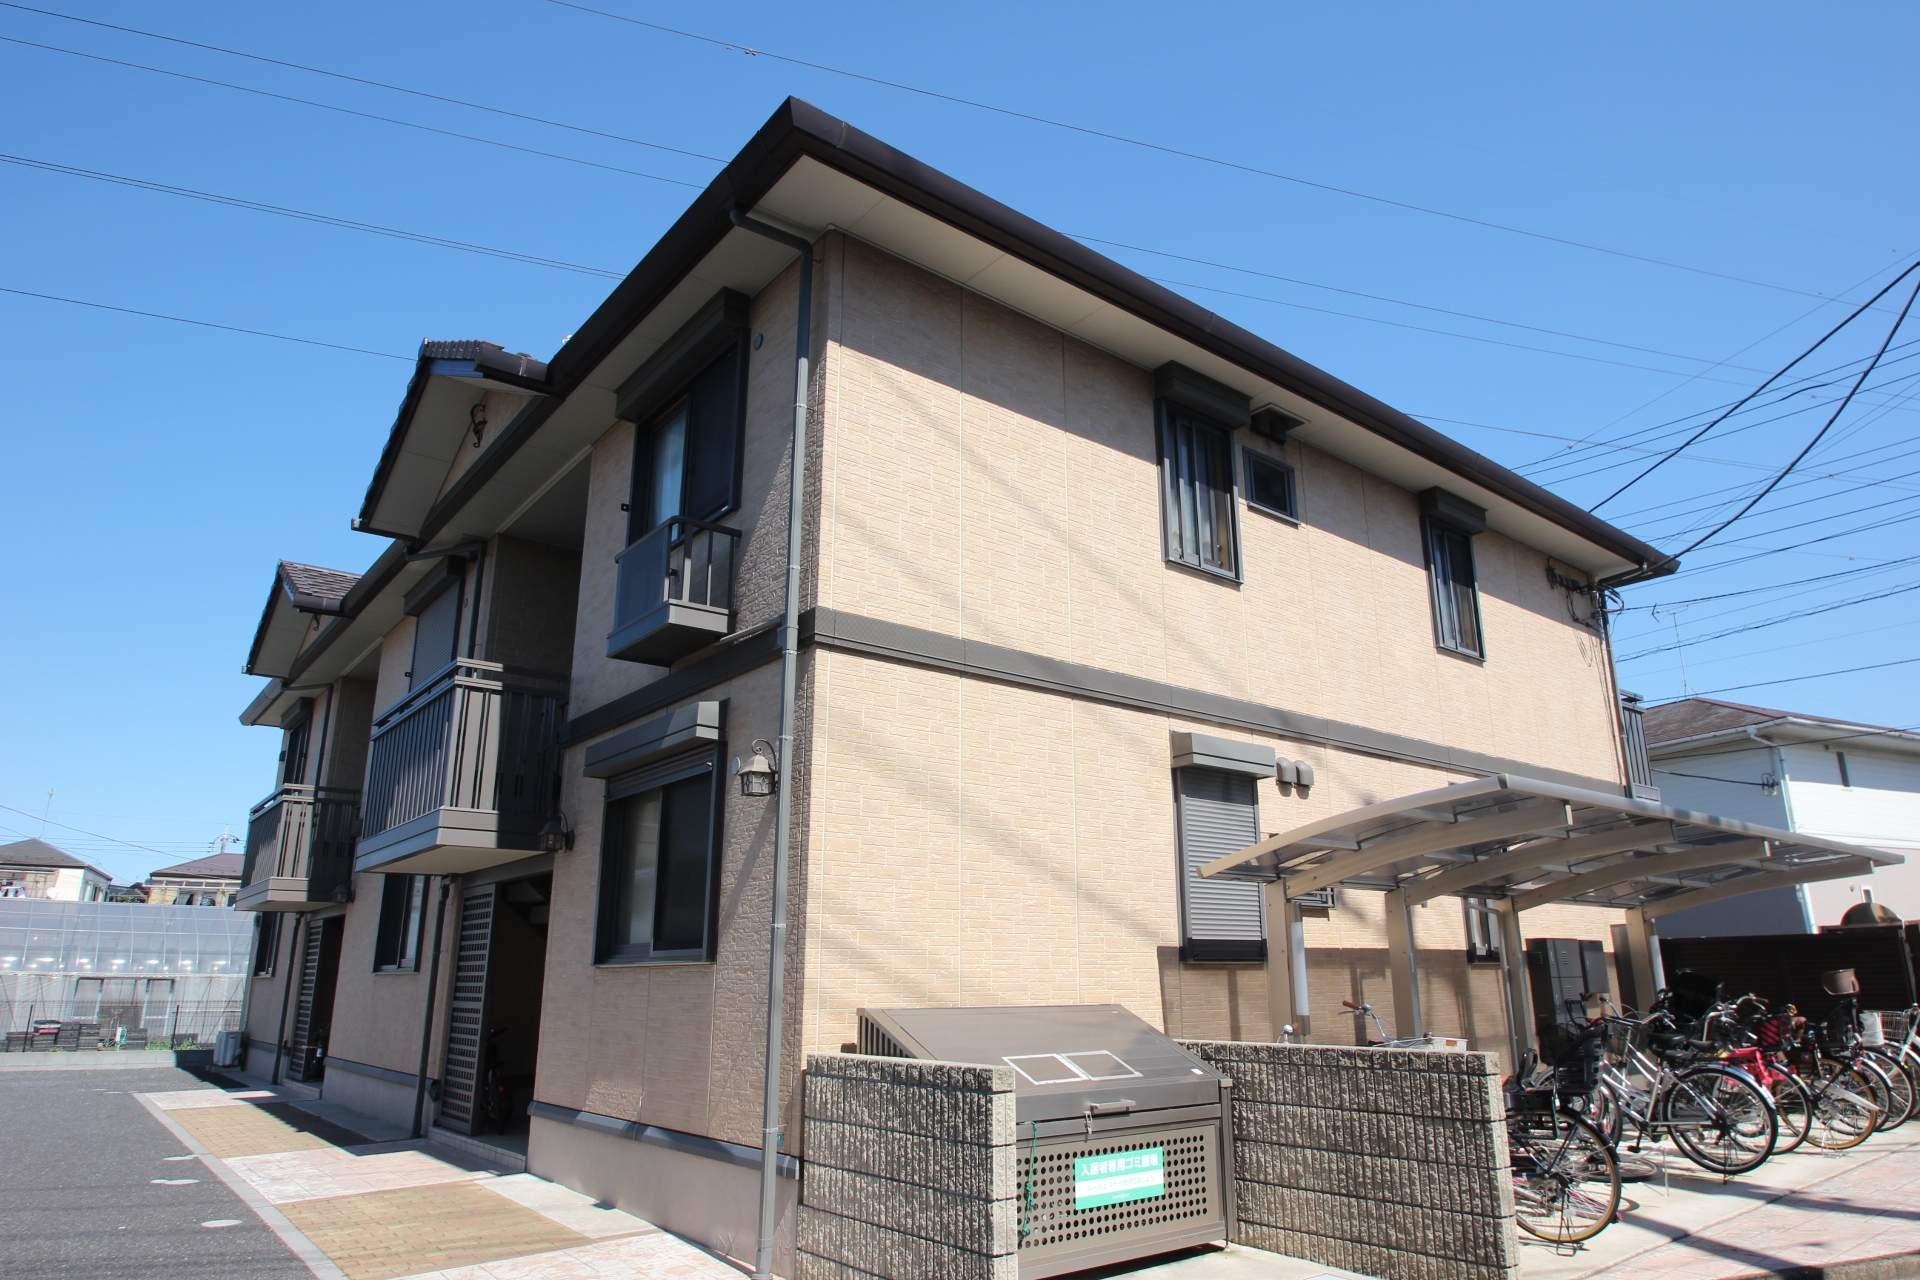 東京都江戸川区、小岩駅徒歩25分の築8年 2階建の賃貸アパート